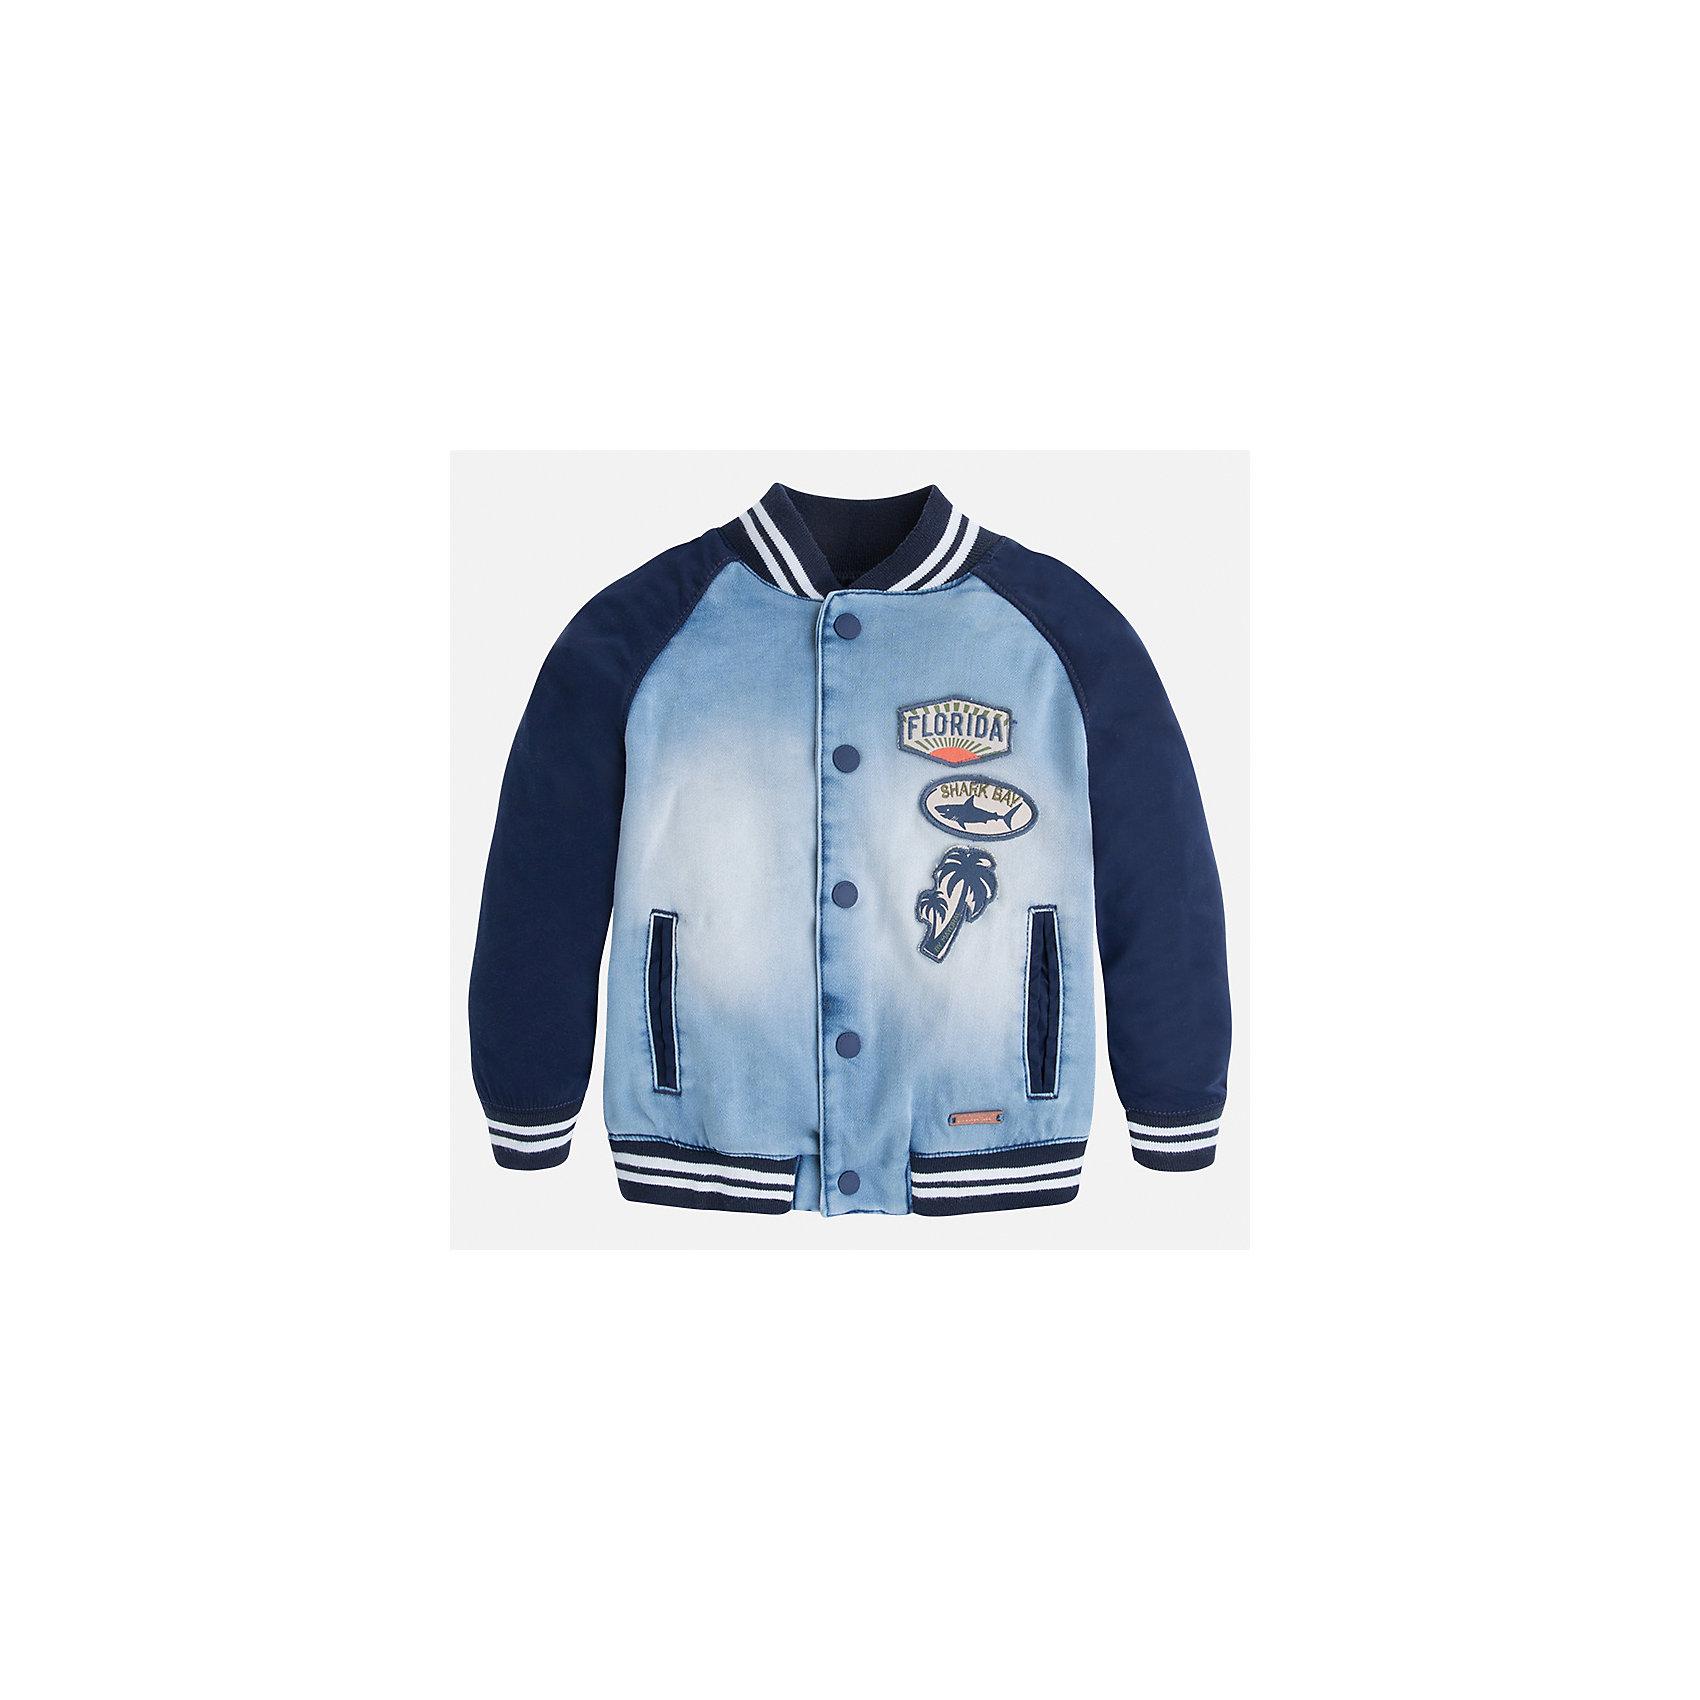 Куртка для мальчика MayoralВерхняя одежда<br>Характеристики товара:<br><br>• цвет: голубой/синий<br>• состав: 57% полиэстер, 42% хлопок, 1% эластан<br>• температурный режим: от +20°до +10°С<br>• рукава длинные <br>• карманы<br>• кнопки <br>• нашивки<br>• страна бренда: Испания<br><br>Теплая одежда может быть очень стильной! Удобная и красивая куртка для мальчика поможет разнообразить гардероб ребенка и обеспечить комфорт. Она отлично сочетается и с джинсами, и с брюками. Универсальный цвет позволяет подобрать к вещи низ различных расцветок. Интересная отделка модели делает её нарядной и оригинальной. В составе материала - натуральный хлопок, гипоаллергенный, приятный на ощупь, дышащий.<br><br>Одежда, обувь и аксессуары от испанского бренда Mayoral полюбились детям и взрослым по всему миру. Модели этой марки - стильные и удобные. Для их производства используются только безопасные, качественные материалы и фурнитура. Порадуйте ребенка модными и красивыми вещами от Mayoral! <br><br>Куртку для мальчика от испанского бренда Mayoral (Майорал) можно купить в нашем интернет-магазине.<br><br>Ширина мм: 356<br>Глубина мм: 10<br>Высота мм: 245<br>Вес г: 519<br>Цвет: голубой<br>Возраст от месяцев: 96<br>Возраст до месяцев: 108<br>Пол: Мужской<br>Возраст: Детский<br>Размер: 134,122,128,116,110,92,98,104<br>SKU: 5280567